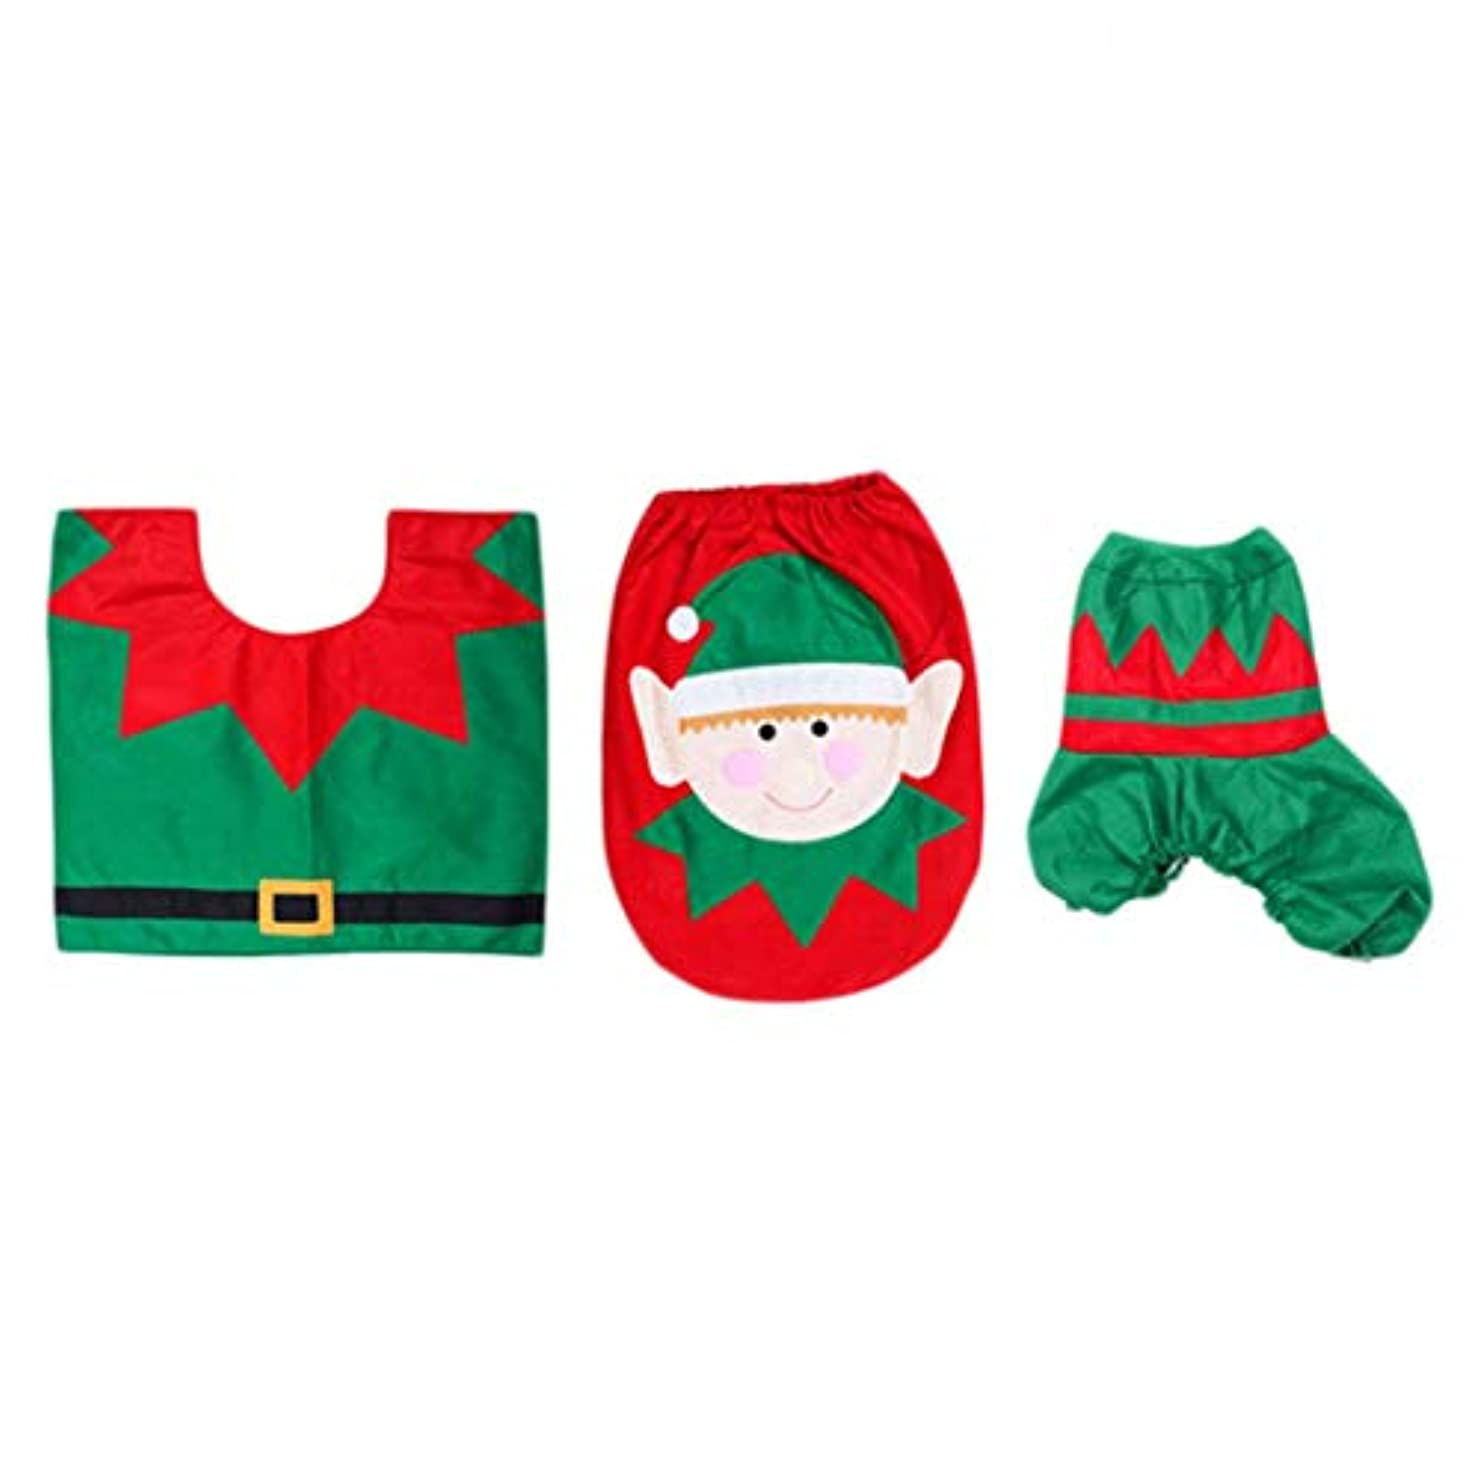 インタビュー腐食する圧倒的Swiftgood 浴室のための3部分のクリスマスの装飾のスノーマン様式の便座カバー